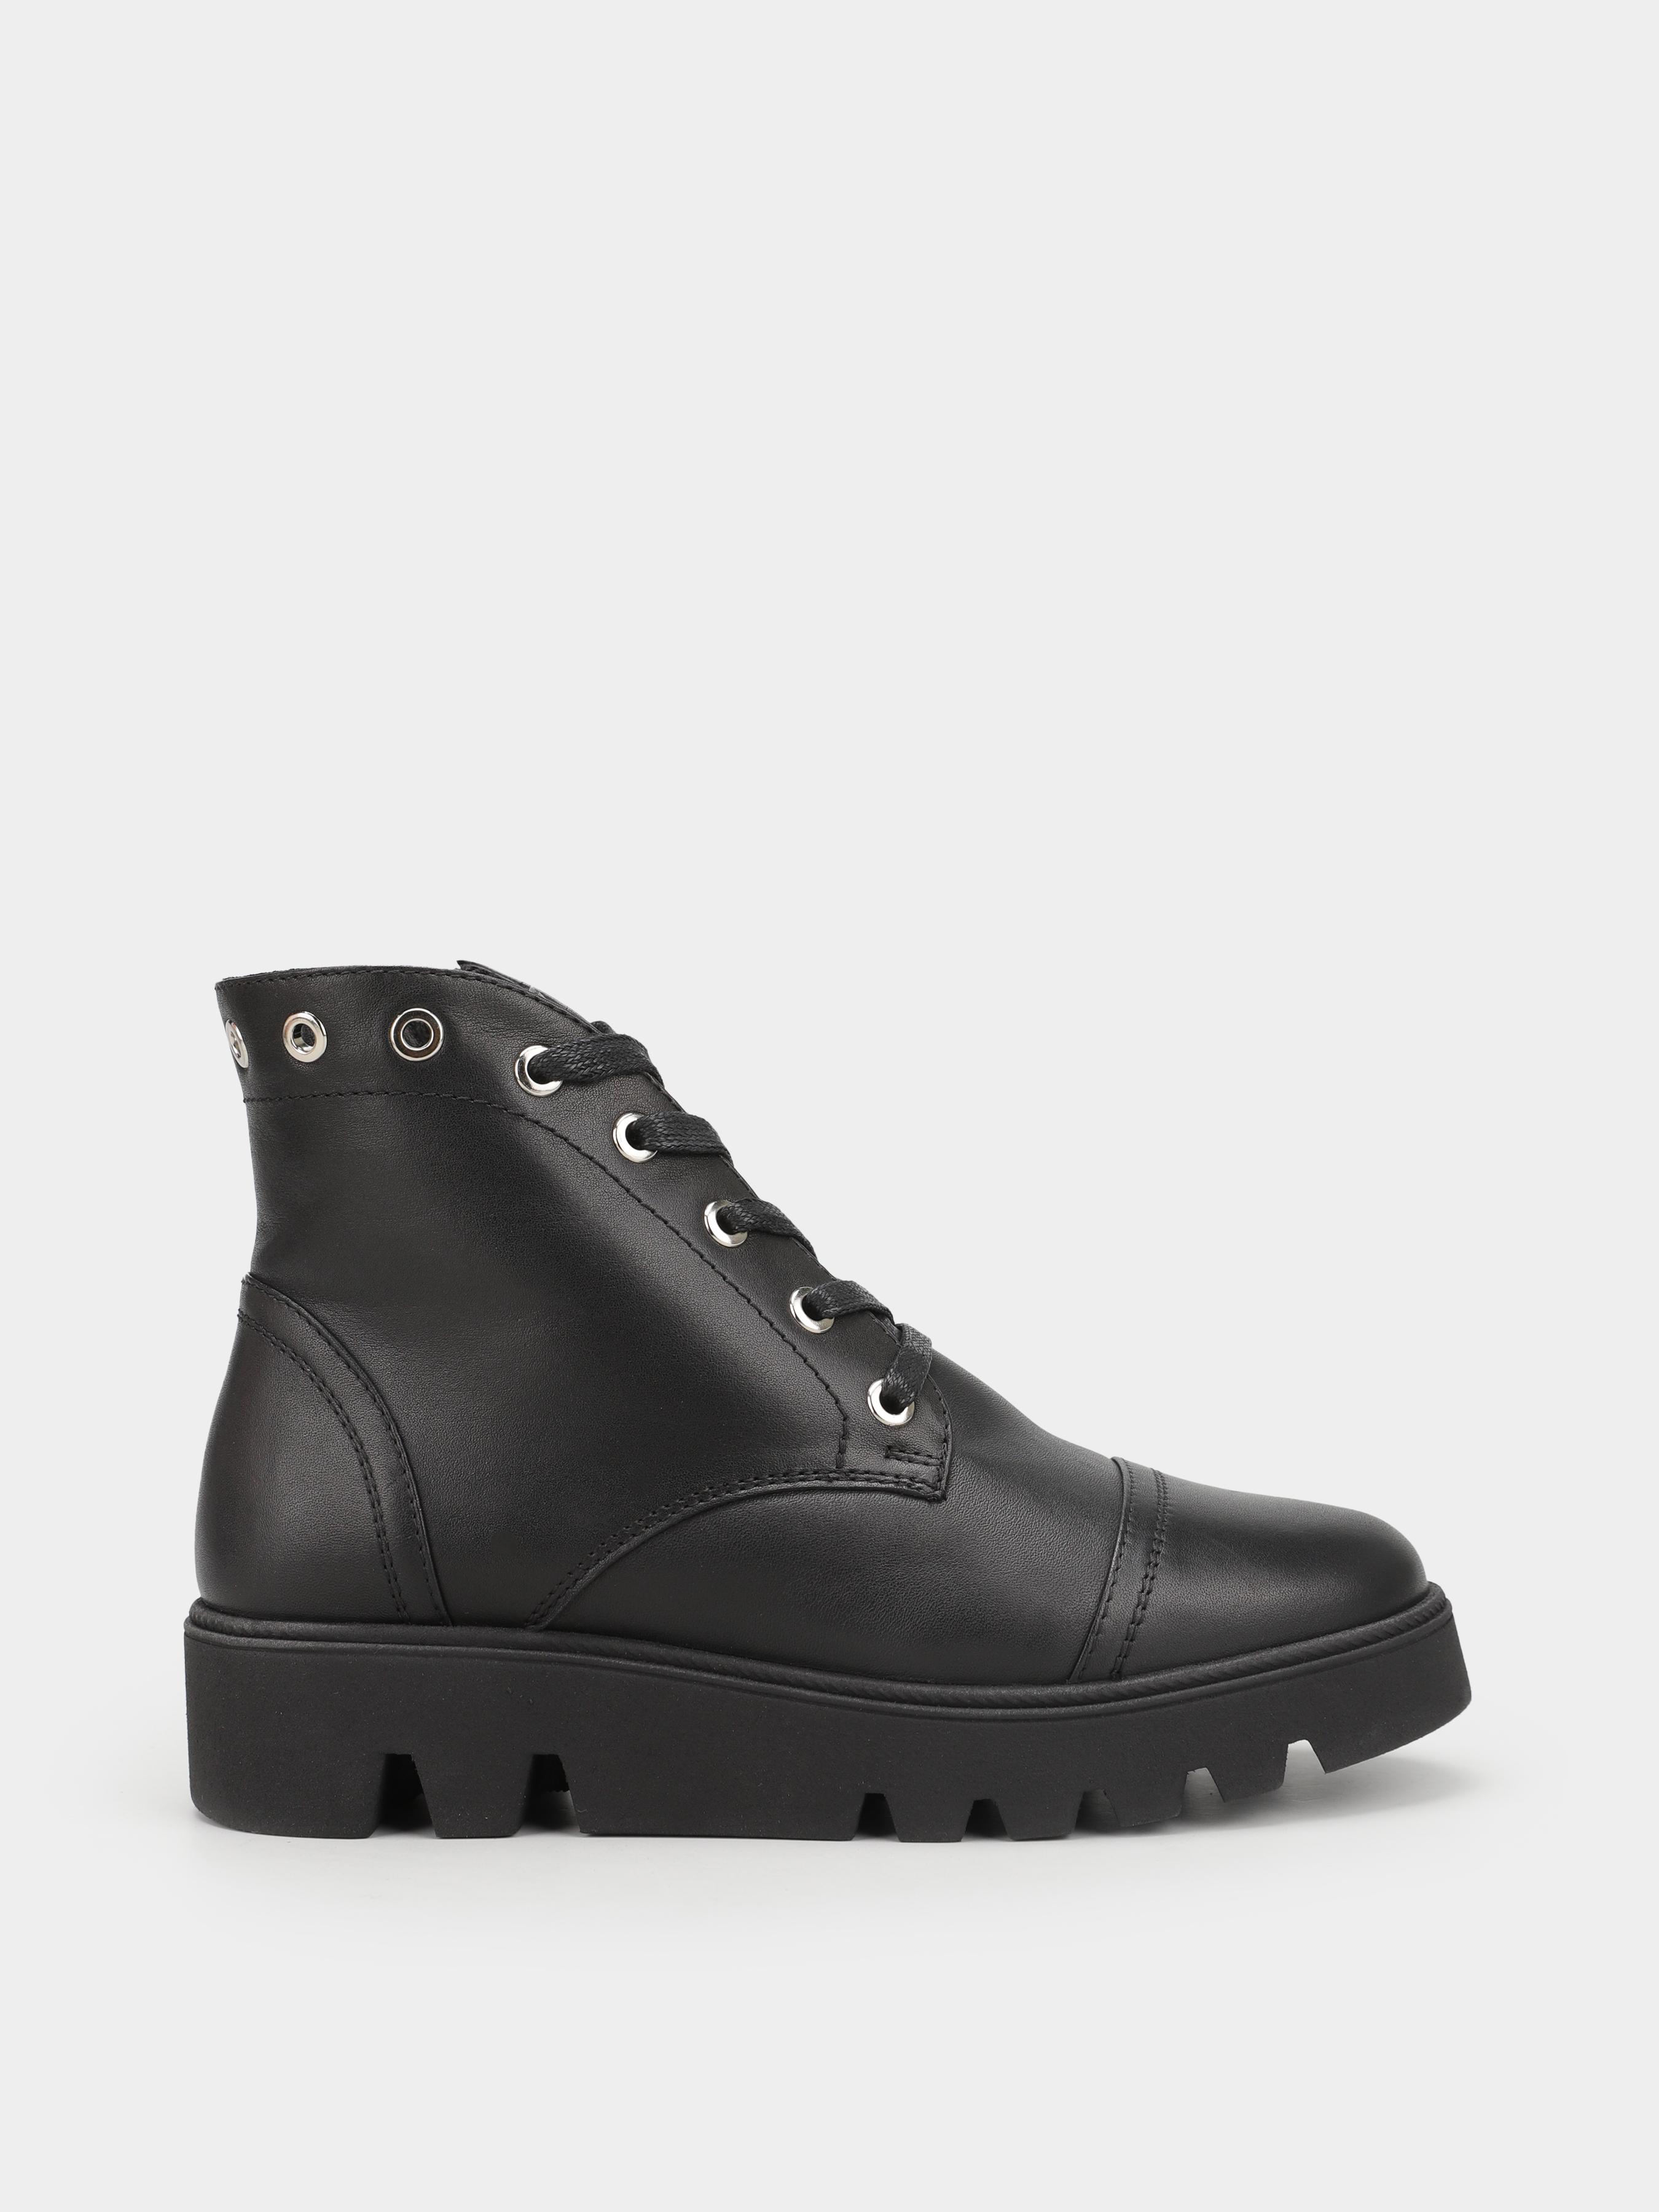 Ботинки для женщин Viko 9W45 купить онлайн, 2017